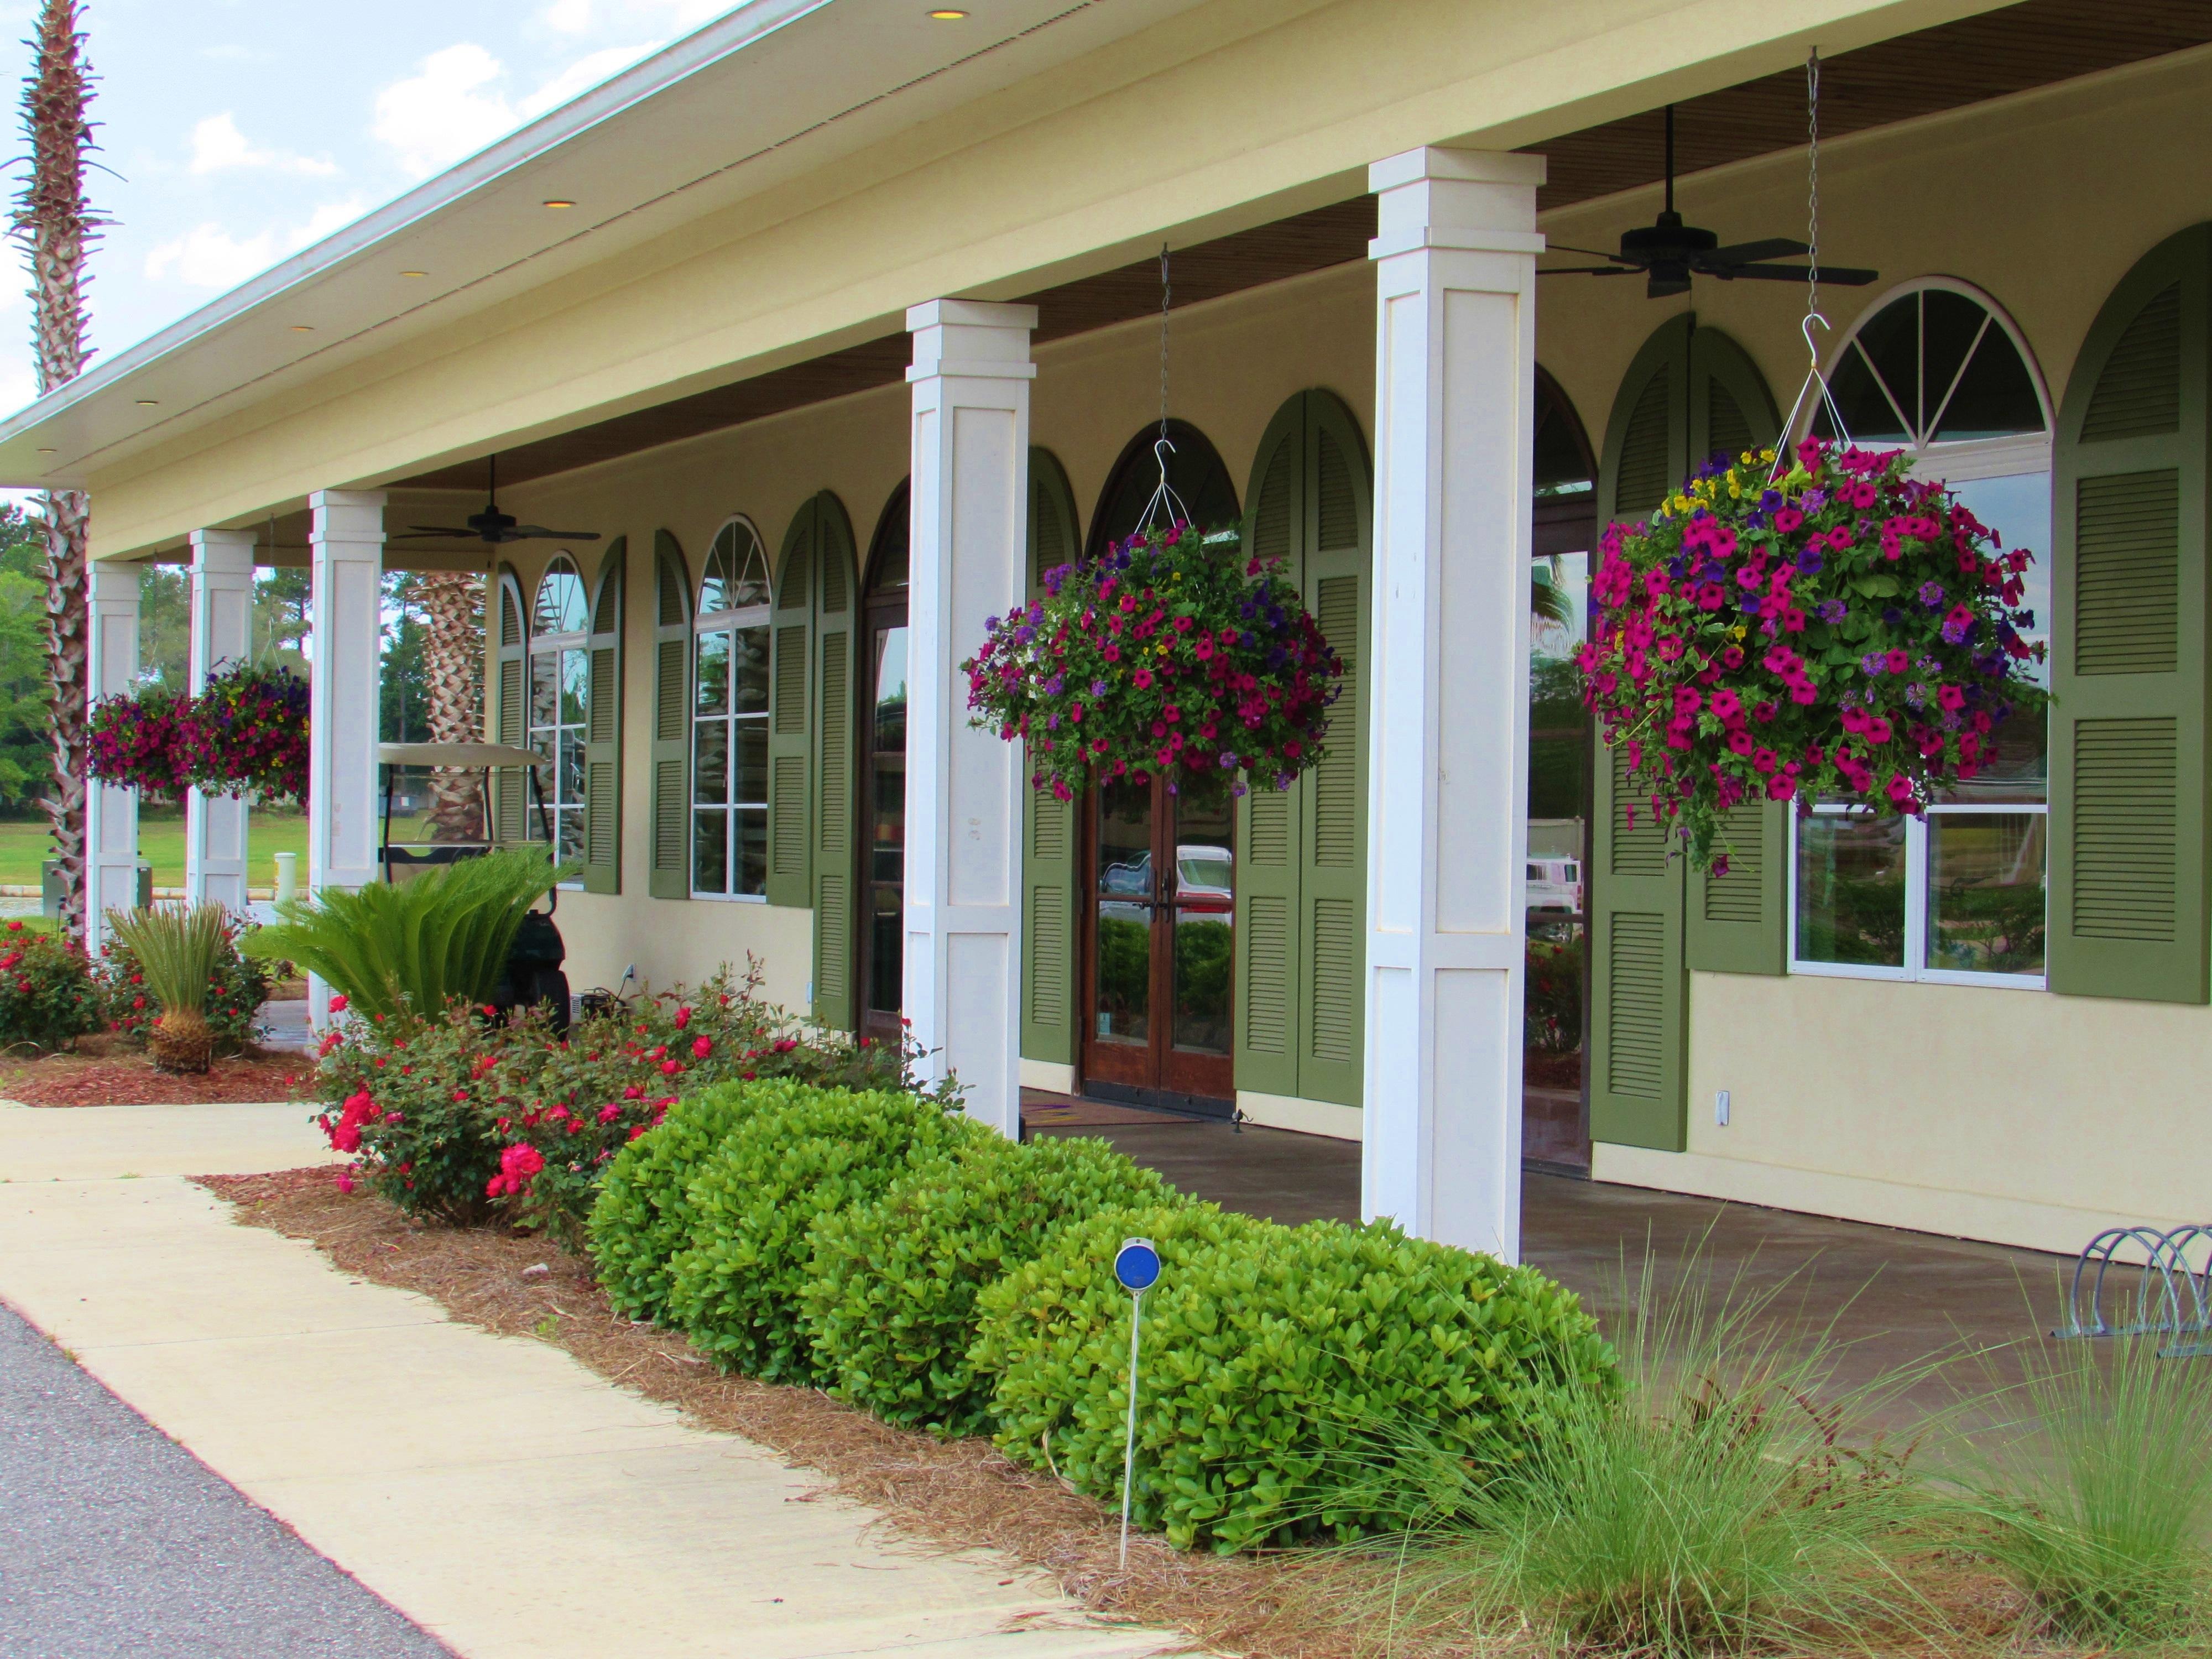 Gambar : halaman rumput rumah bunga jendela beranda gang Bunga halaman belakang penglihatan milik berbunga taman bunga-bunga desain interior ... & Gambar : halaman rumput rumah bunga jendela beranda gang Bunga ...